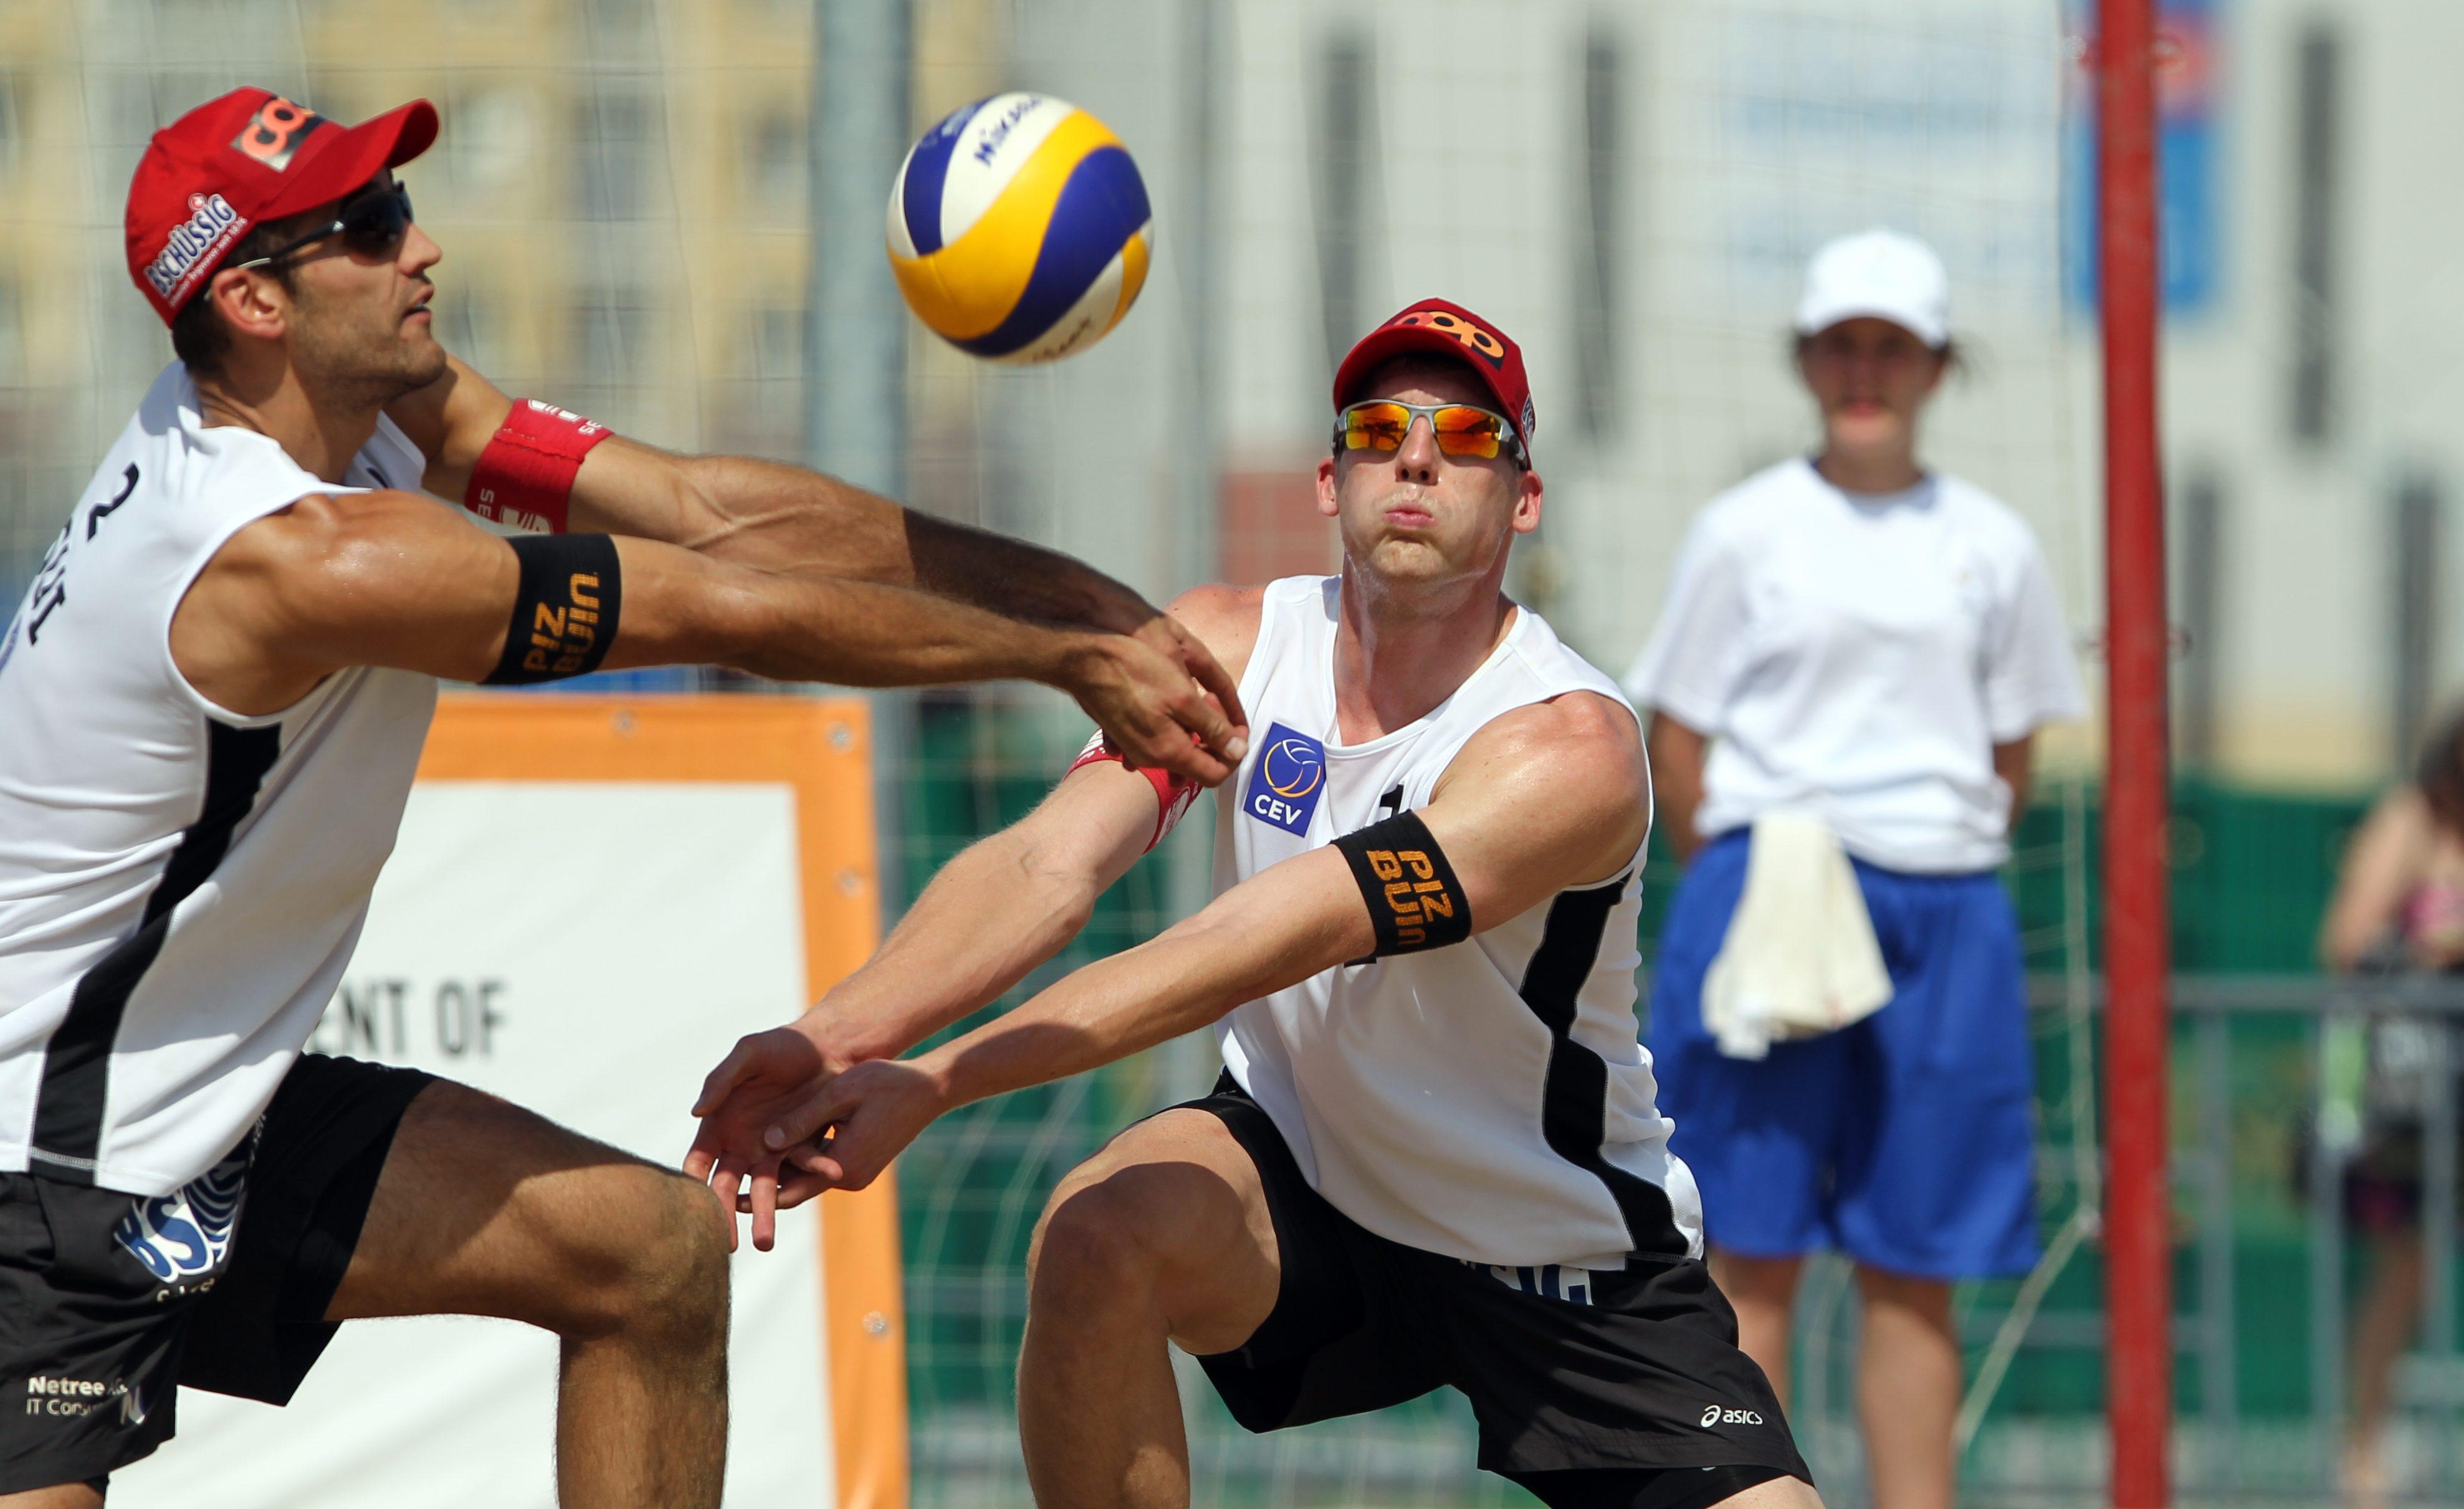 Этап Зональной стадии Континентального Кубка по пляжному волейболу